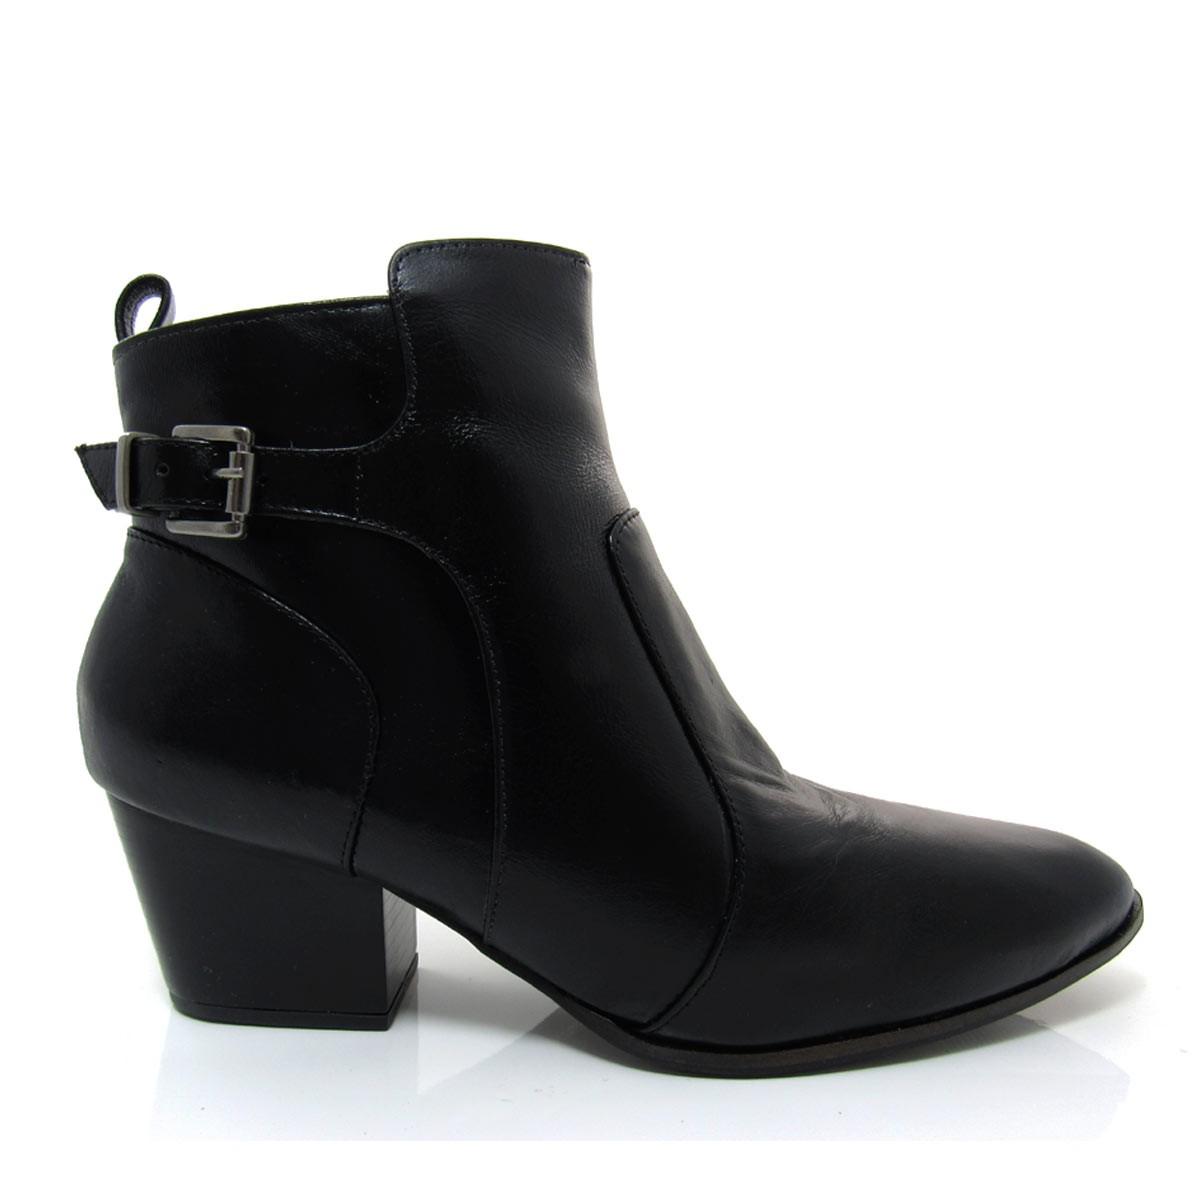 80a4f72e0 Bota Feminina Cano Curto Of Shoes 7236 Salto baixo Couro Coleção 2018